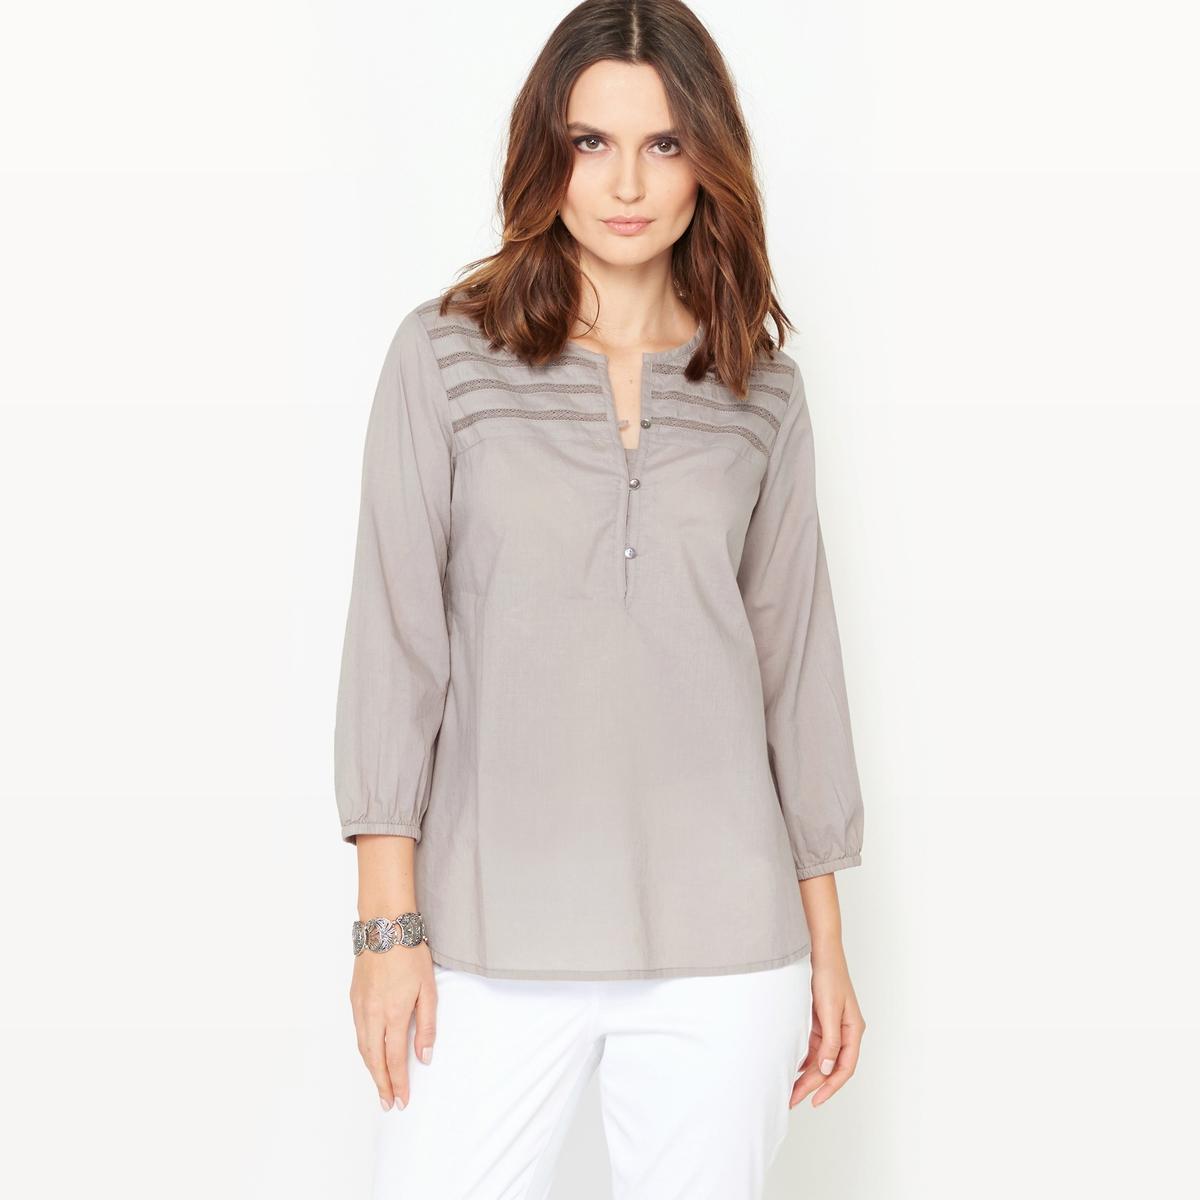 Блузка из хлопковой вуали, 100% хлопка от ANNE WEYBURN